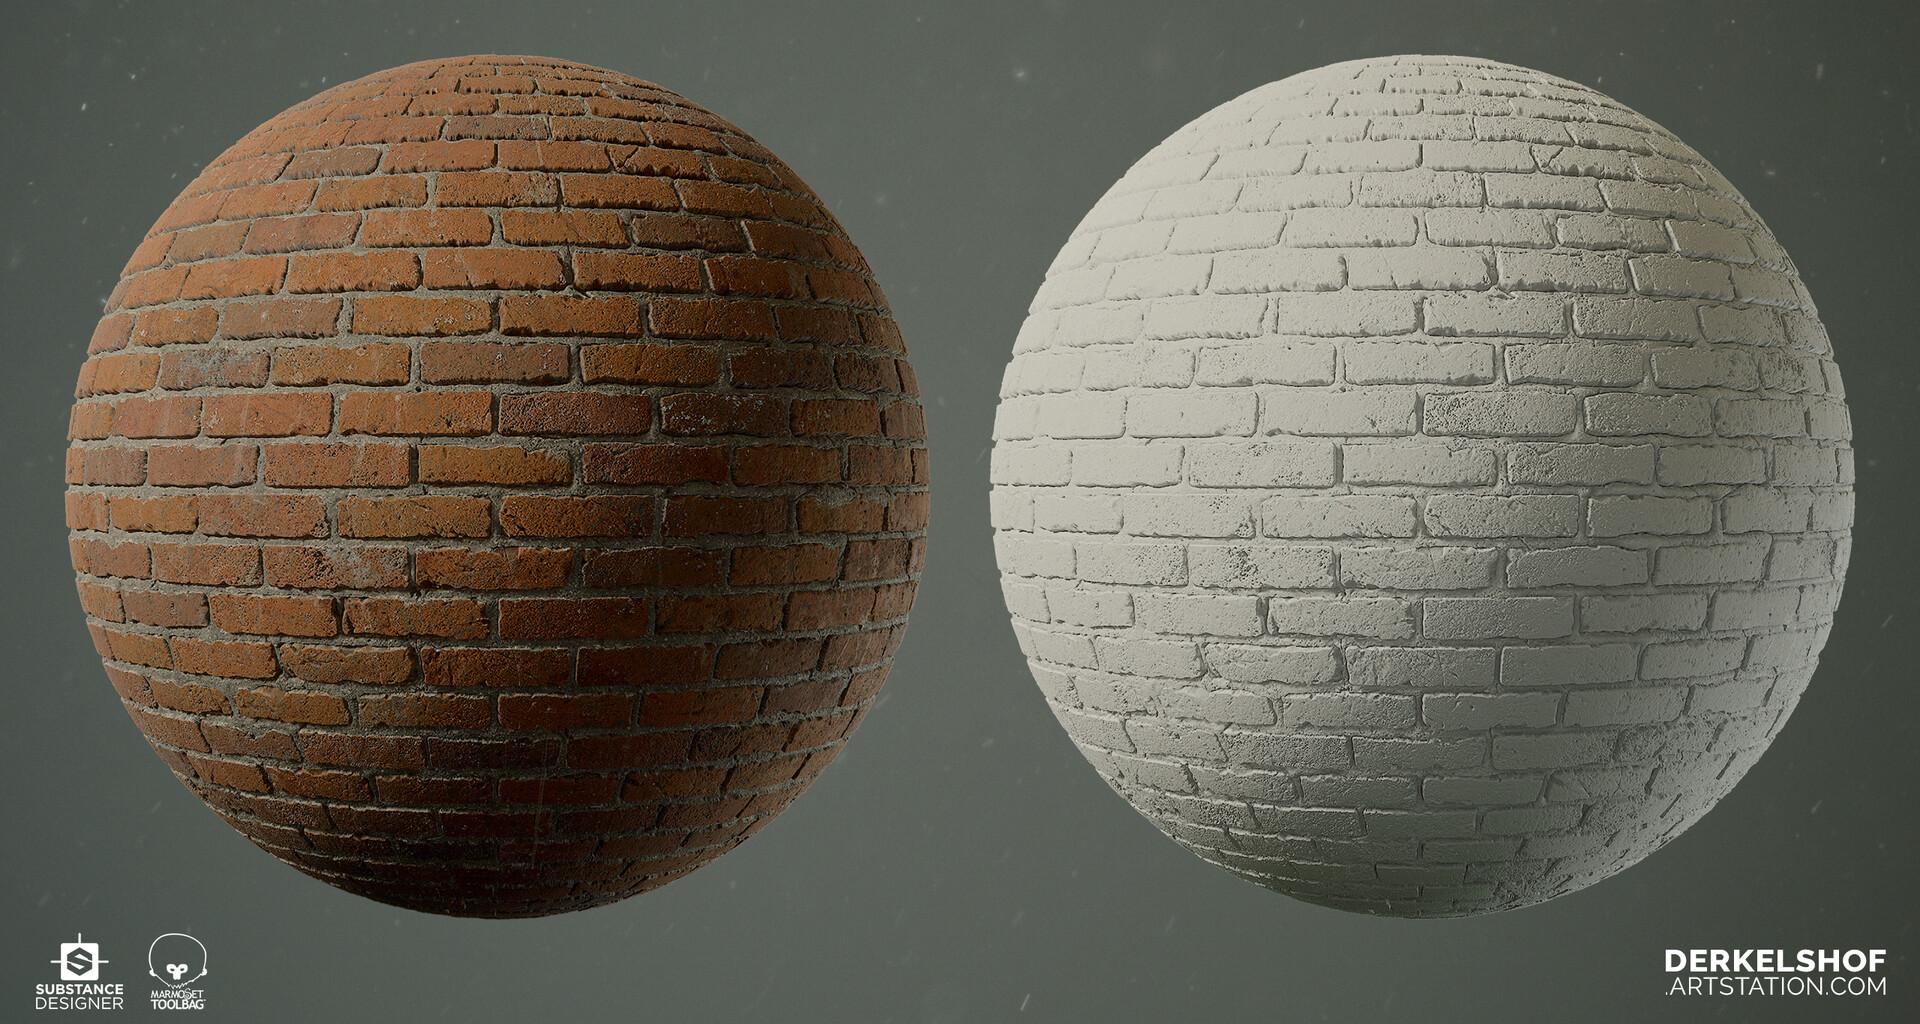 Derk elshof bricks 1